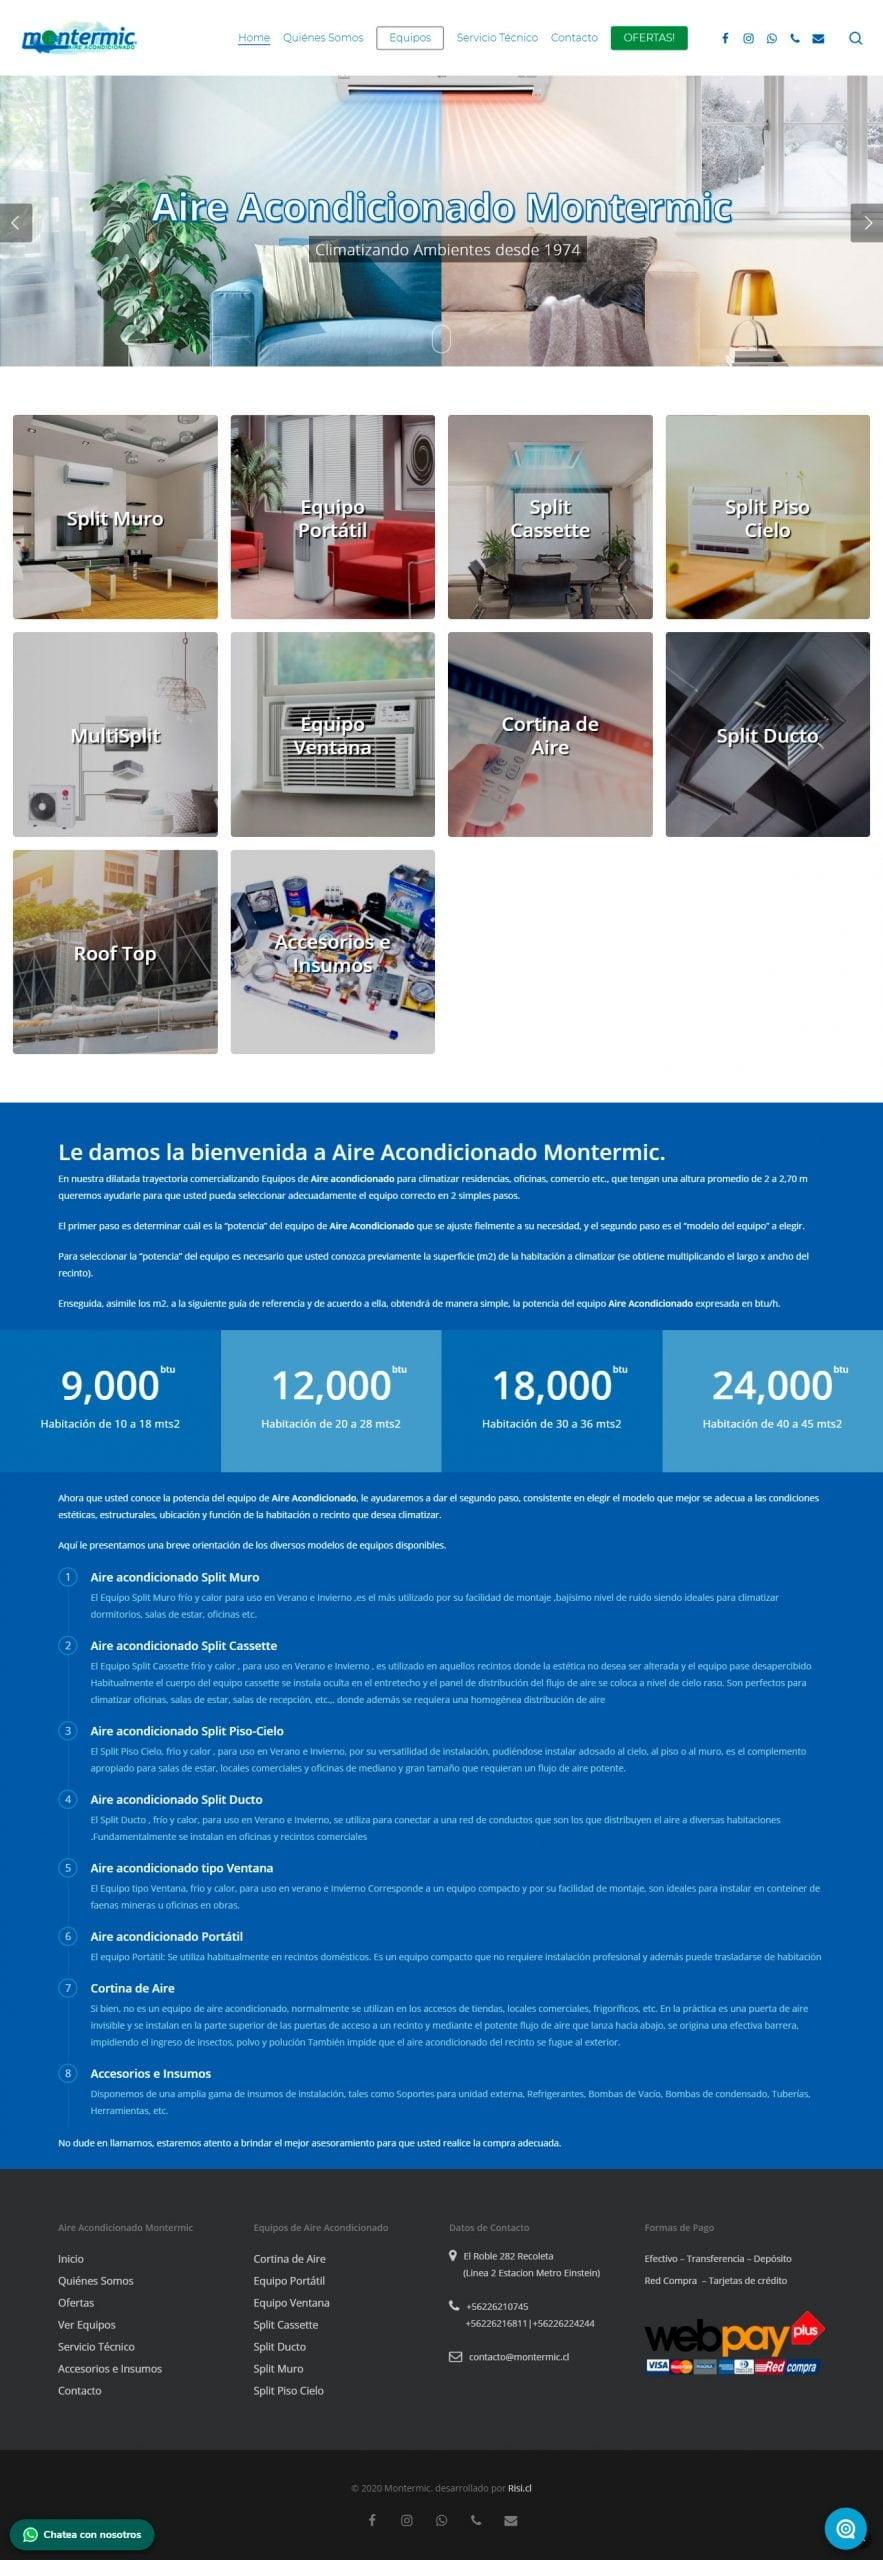 Montermic - Aire Acondicionado